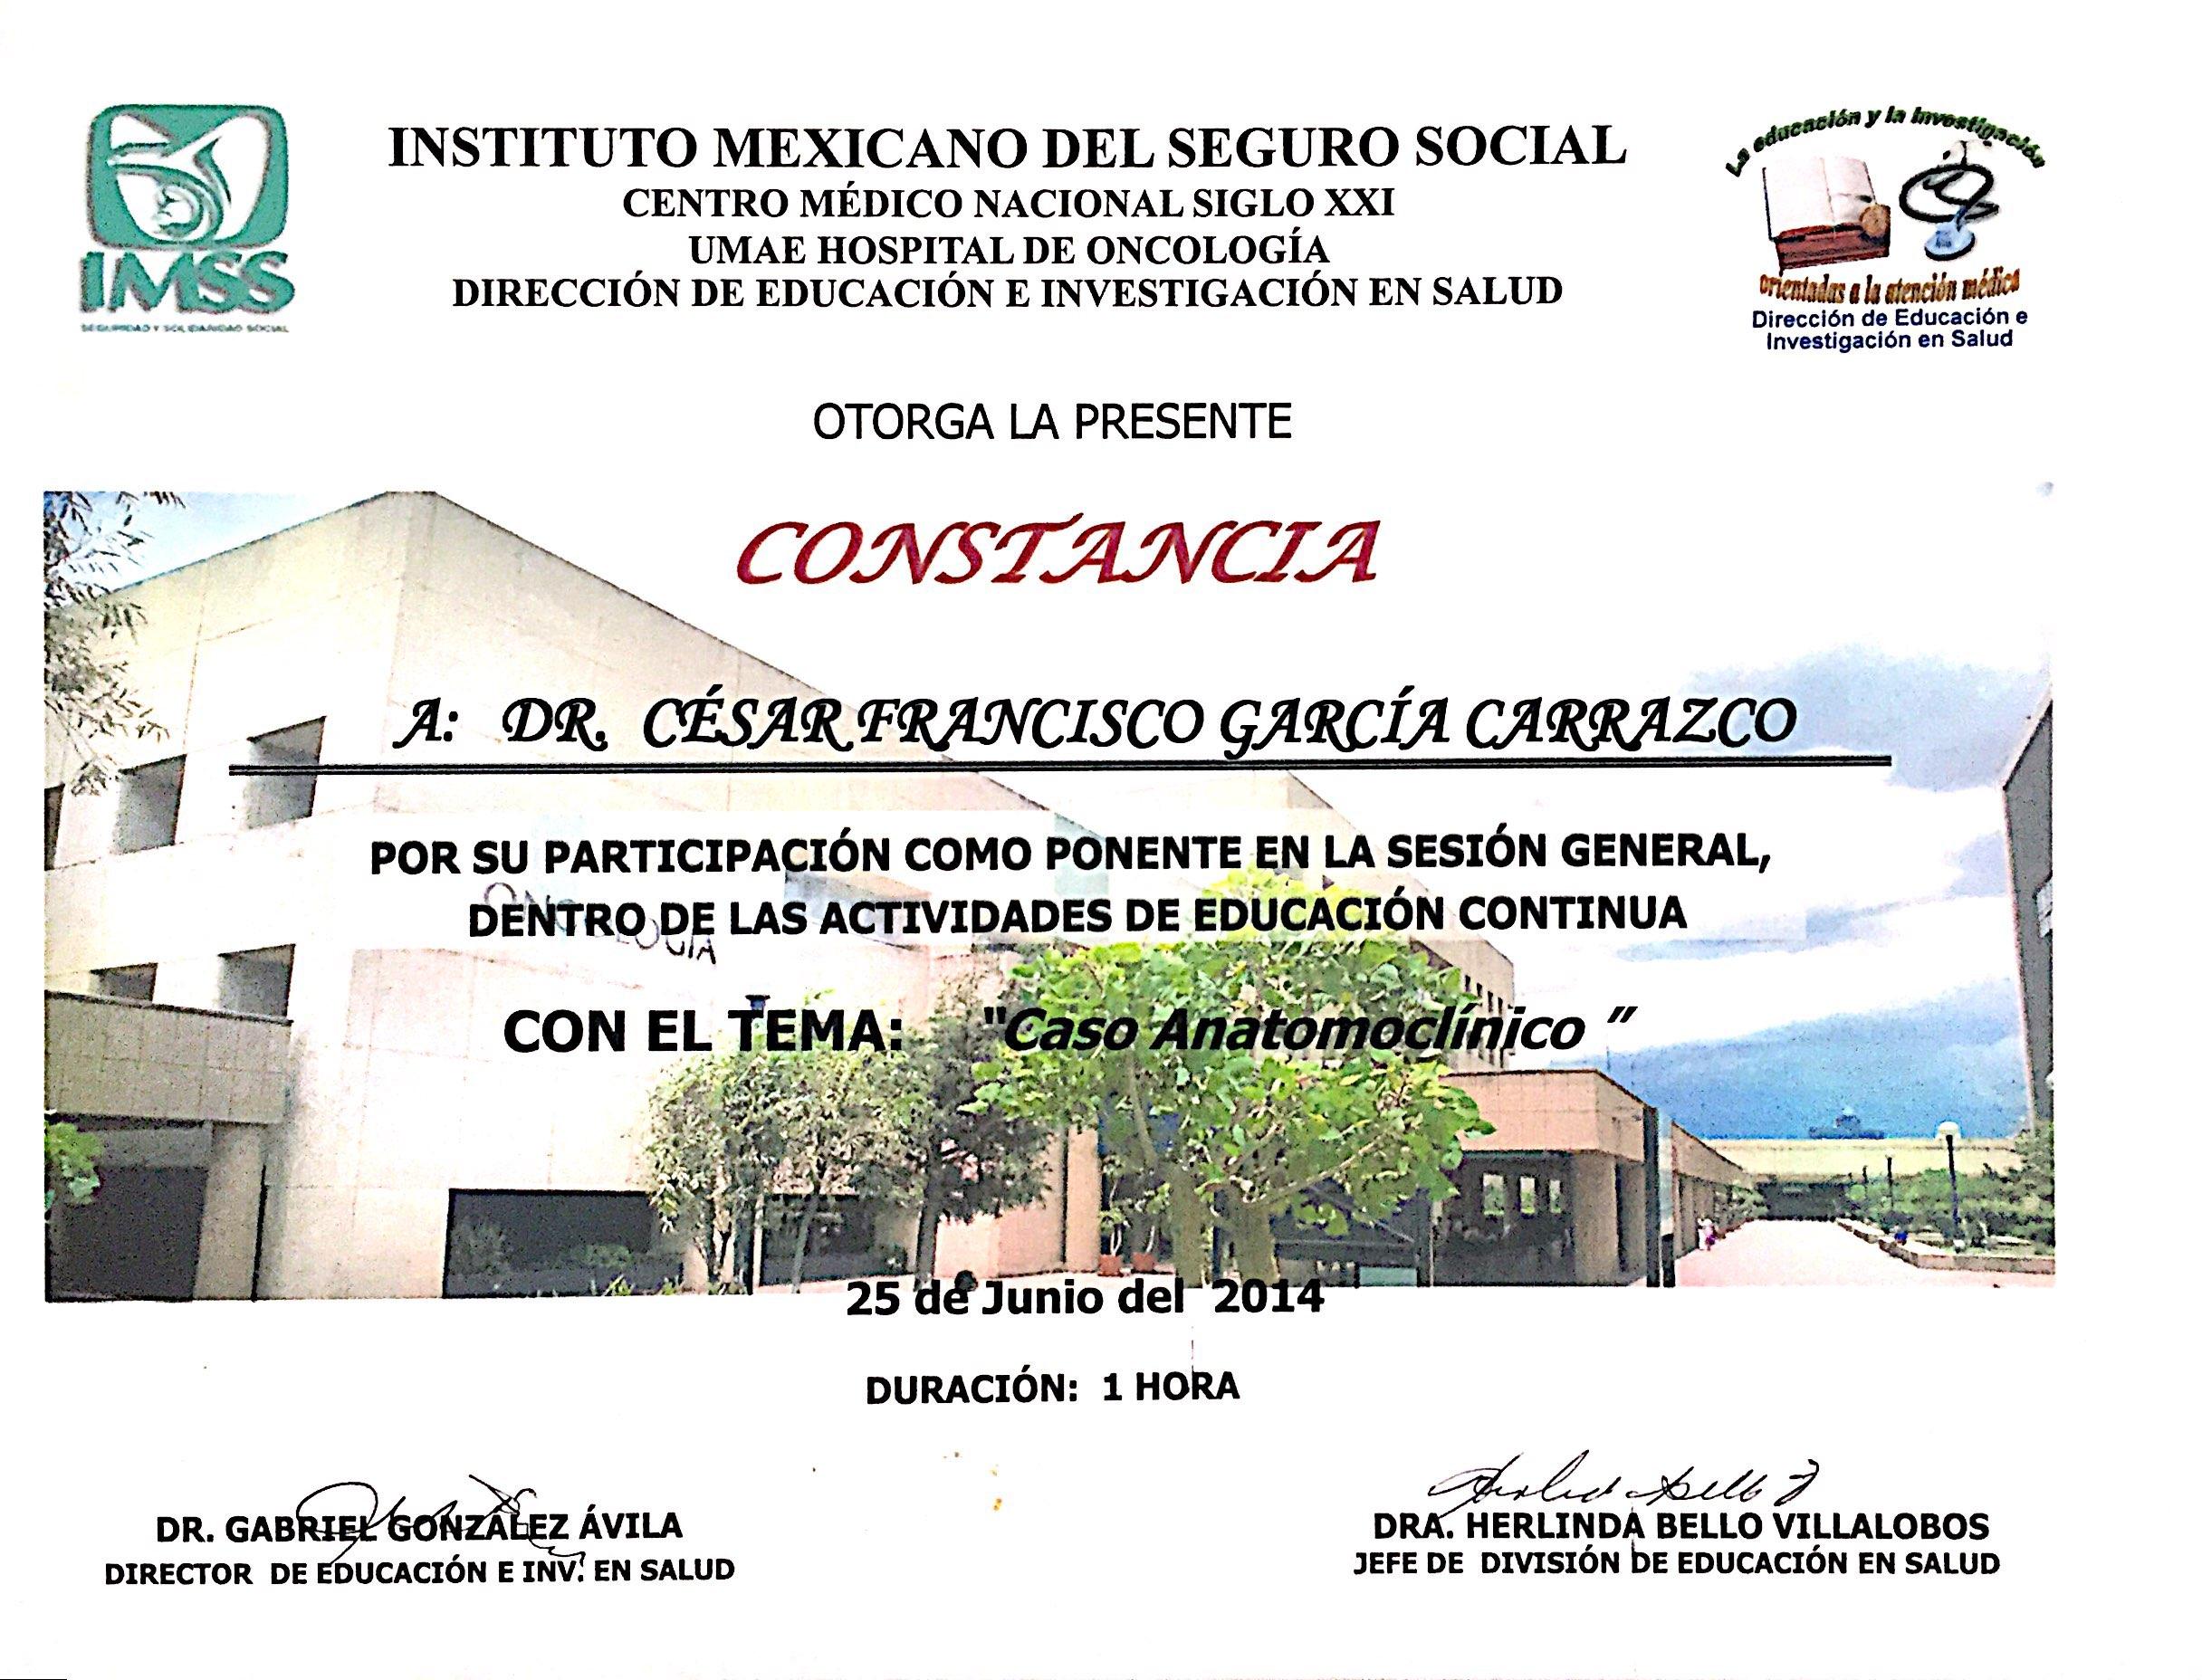 Dr. Garcia Carrazco_88